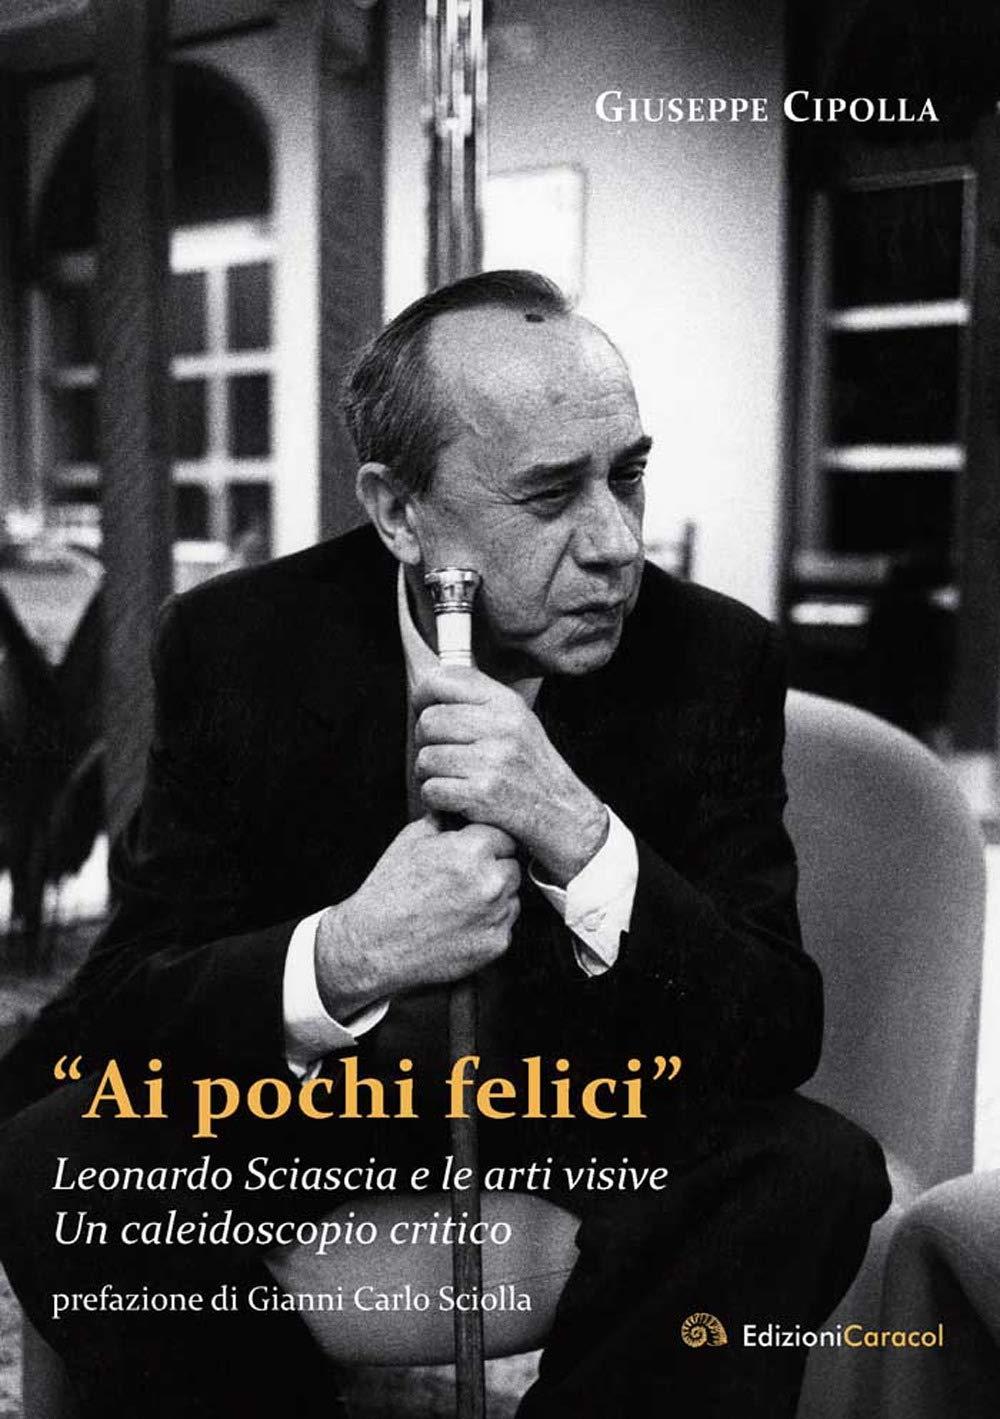 """Giuseppe Cipolla ‒ """"Ai pochi felici"""". Leonardo Sciascia e le arti visive. Un caleidoscopio critico (Edizioni Caracol, Palermo 2020)"""